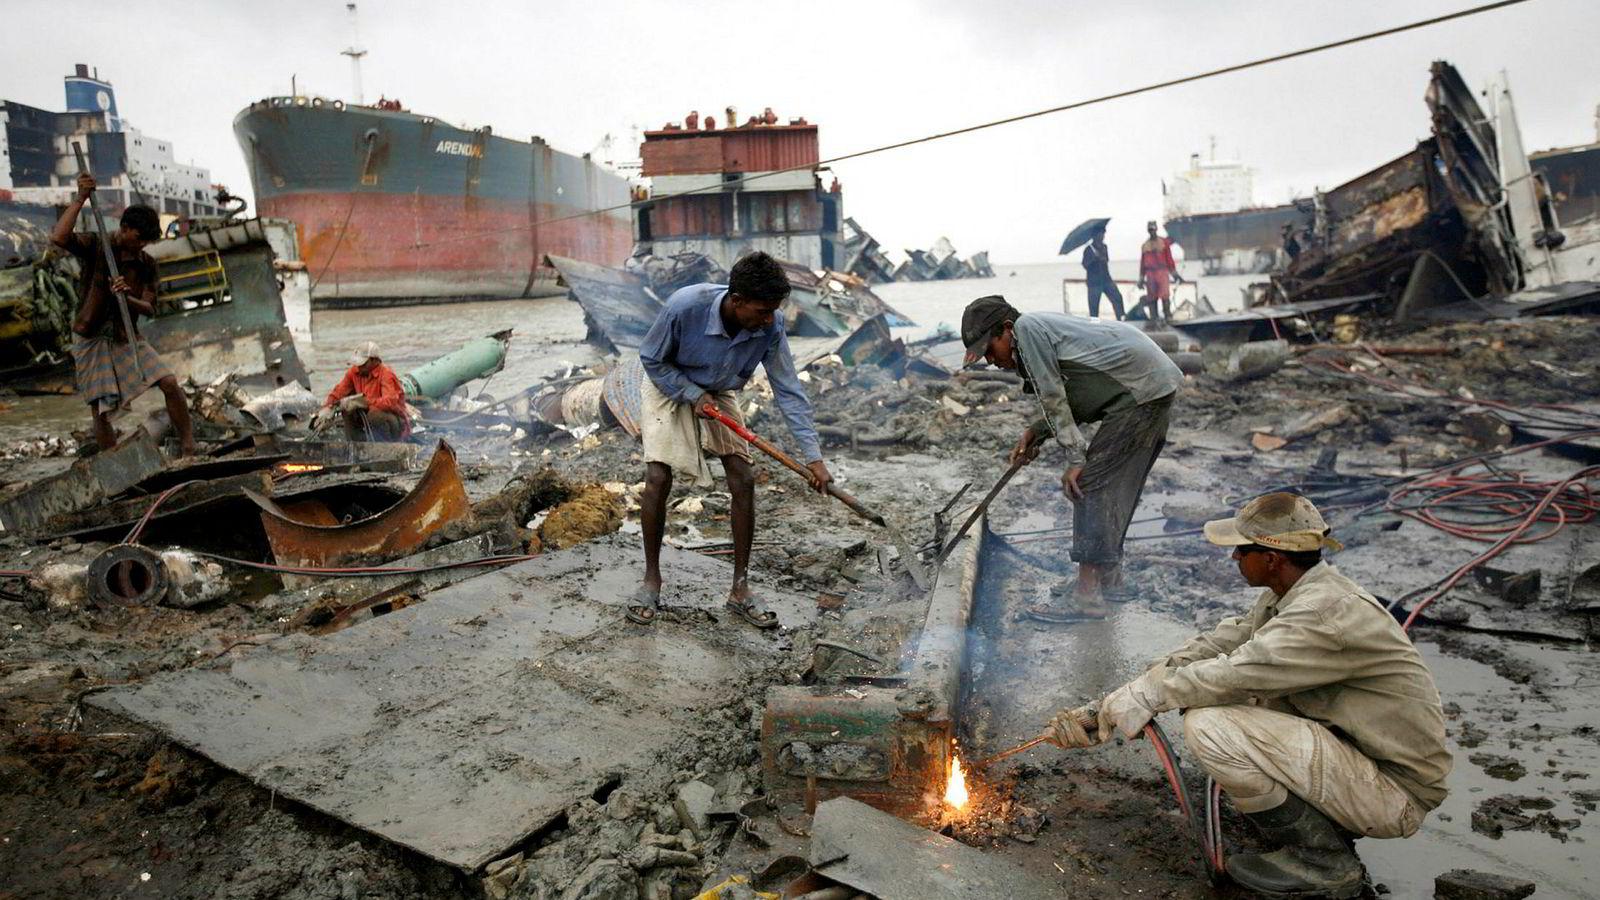 Økt kunnskap om de uheldige sidene ved såkalt «beaching» og det gjeldende regelverk som forbyr denne praksisen, vil trolig føre til både økt etterlevelse og hardere sanksjoner ved brudd, skriver artikkelforfatteren. Her fra Chittagong, Bangladesh hvor arbeidere sveiser skipsdeler.